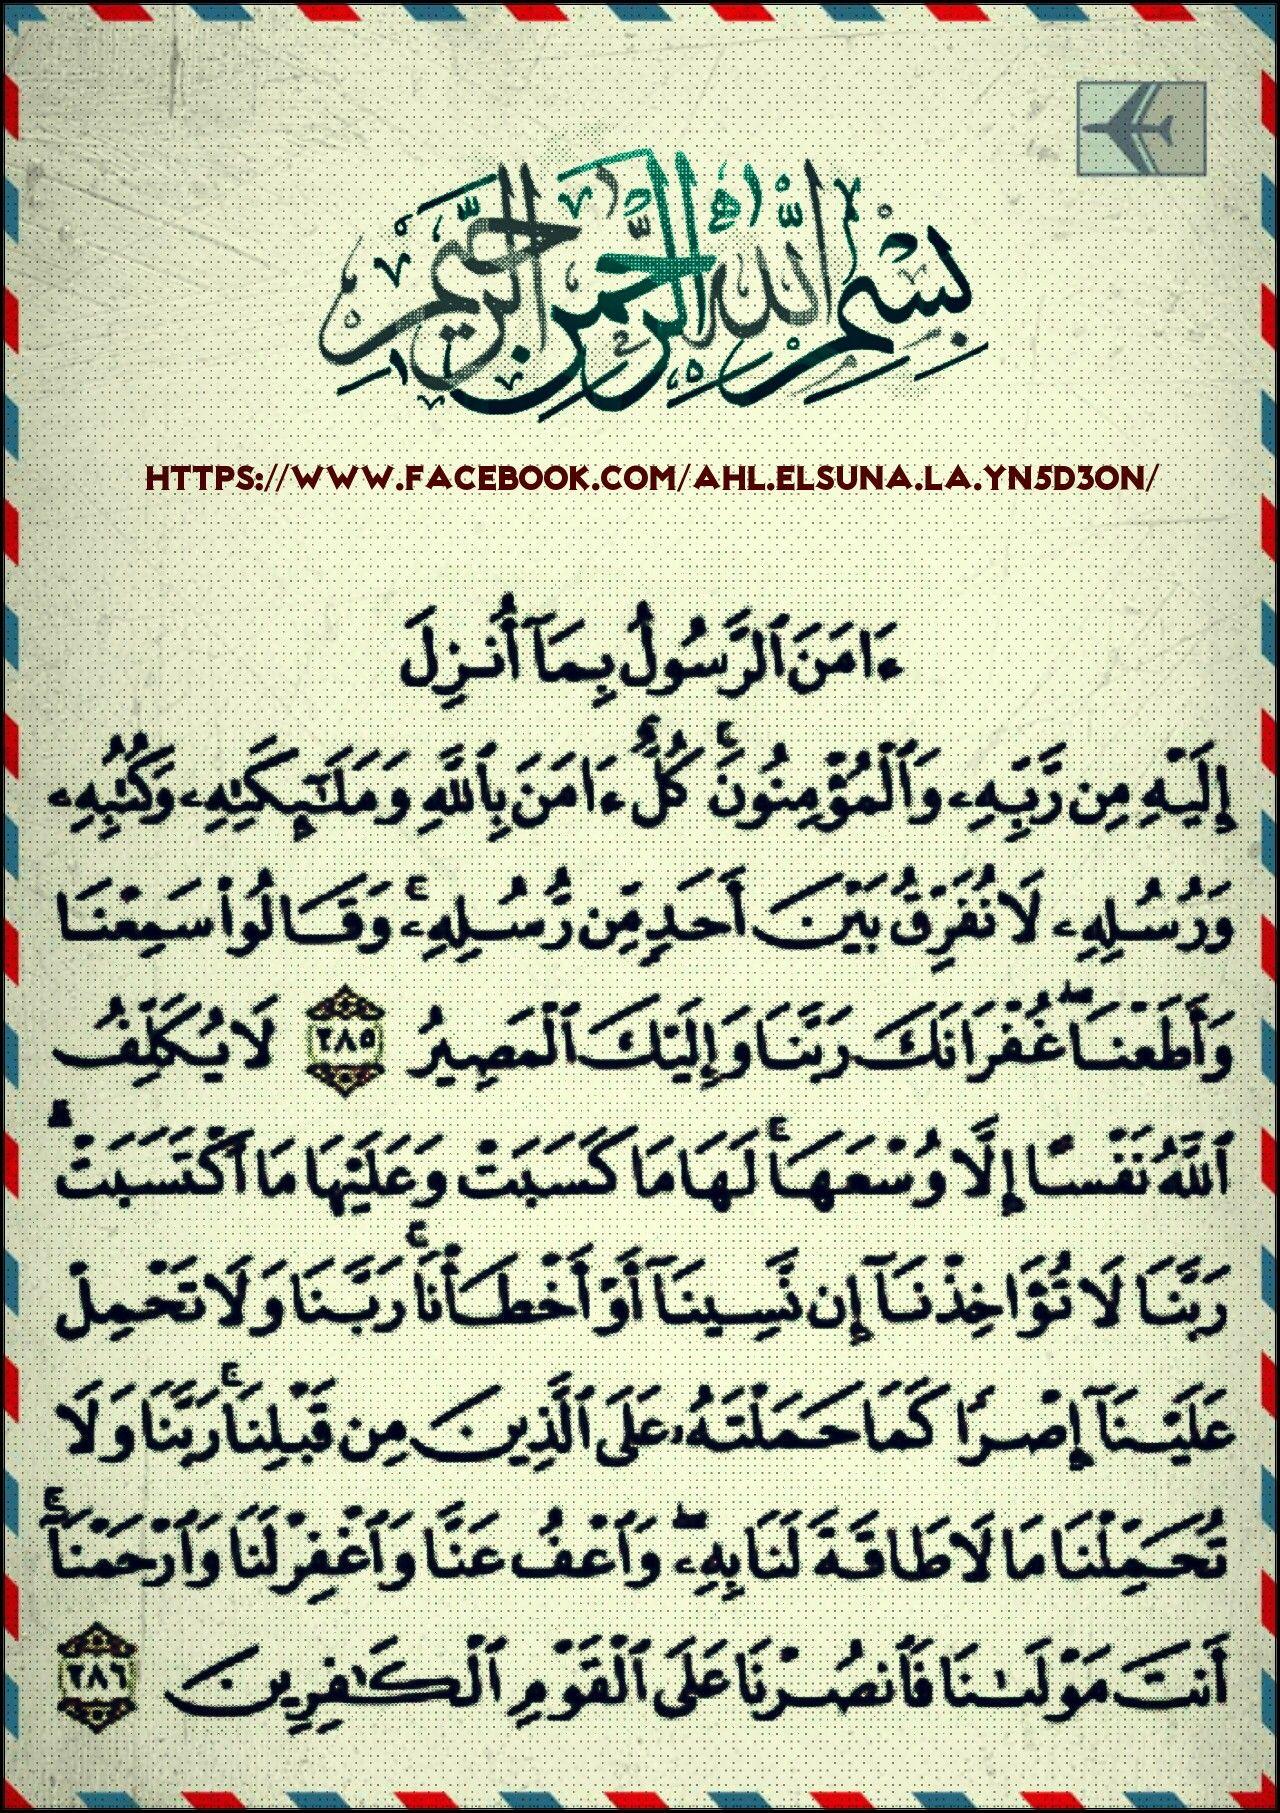 أواخر سورة البقرة Calligraphy Arabic Calligraphy